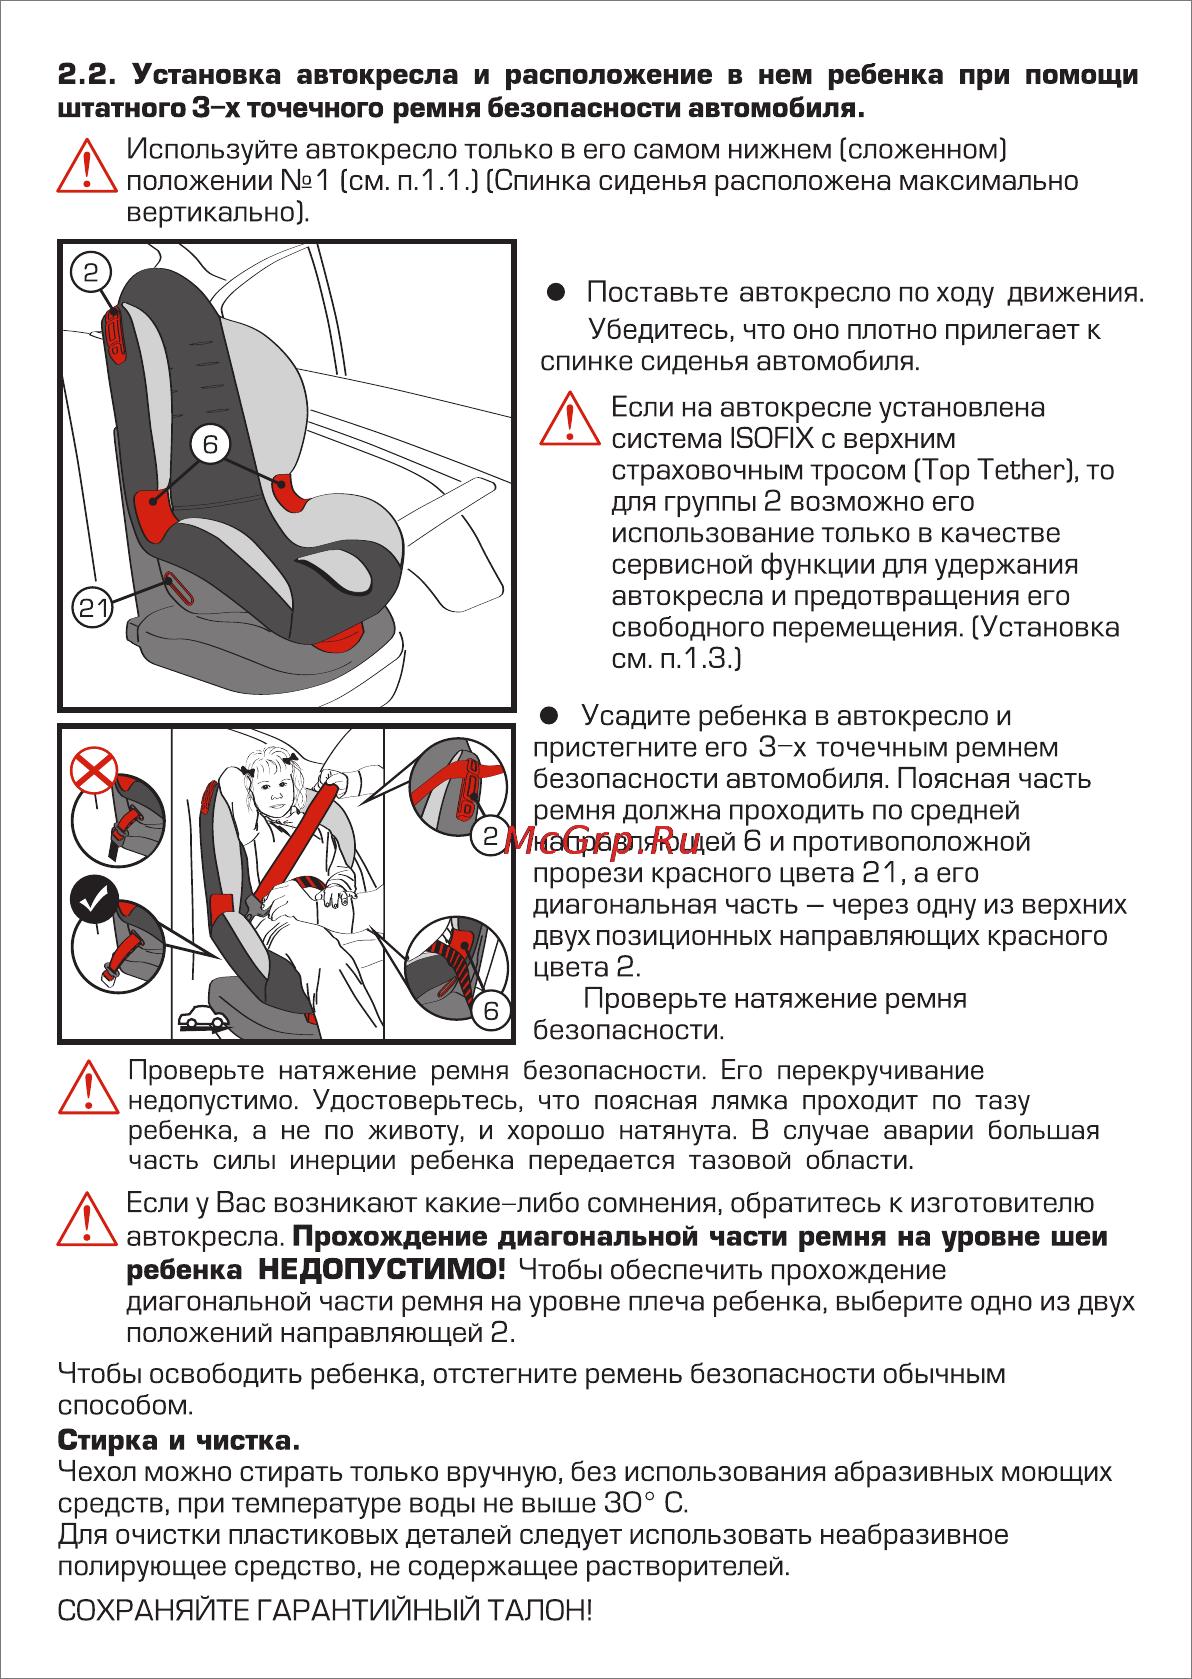 Как пристегнуть автолюльку? как правильно установить изделие в машине и как крепится к заднему сиденью детское кресло